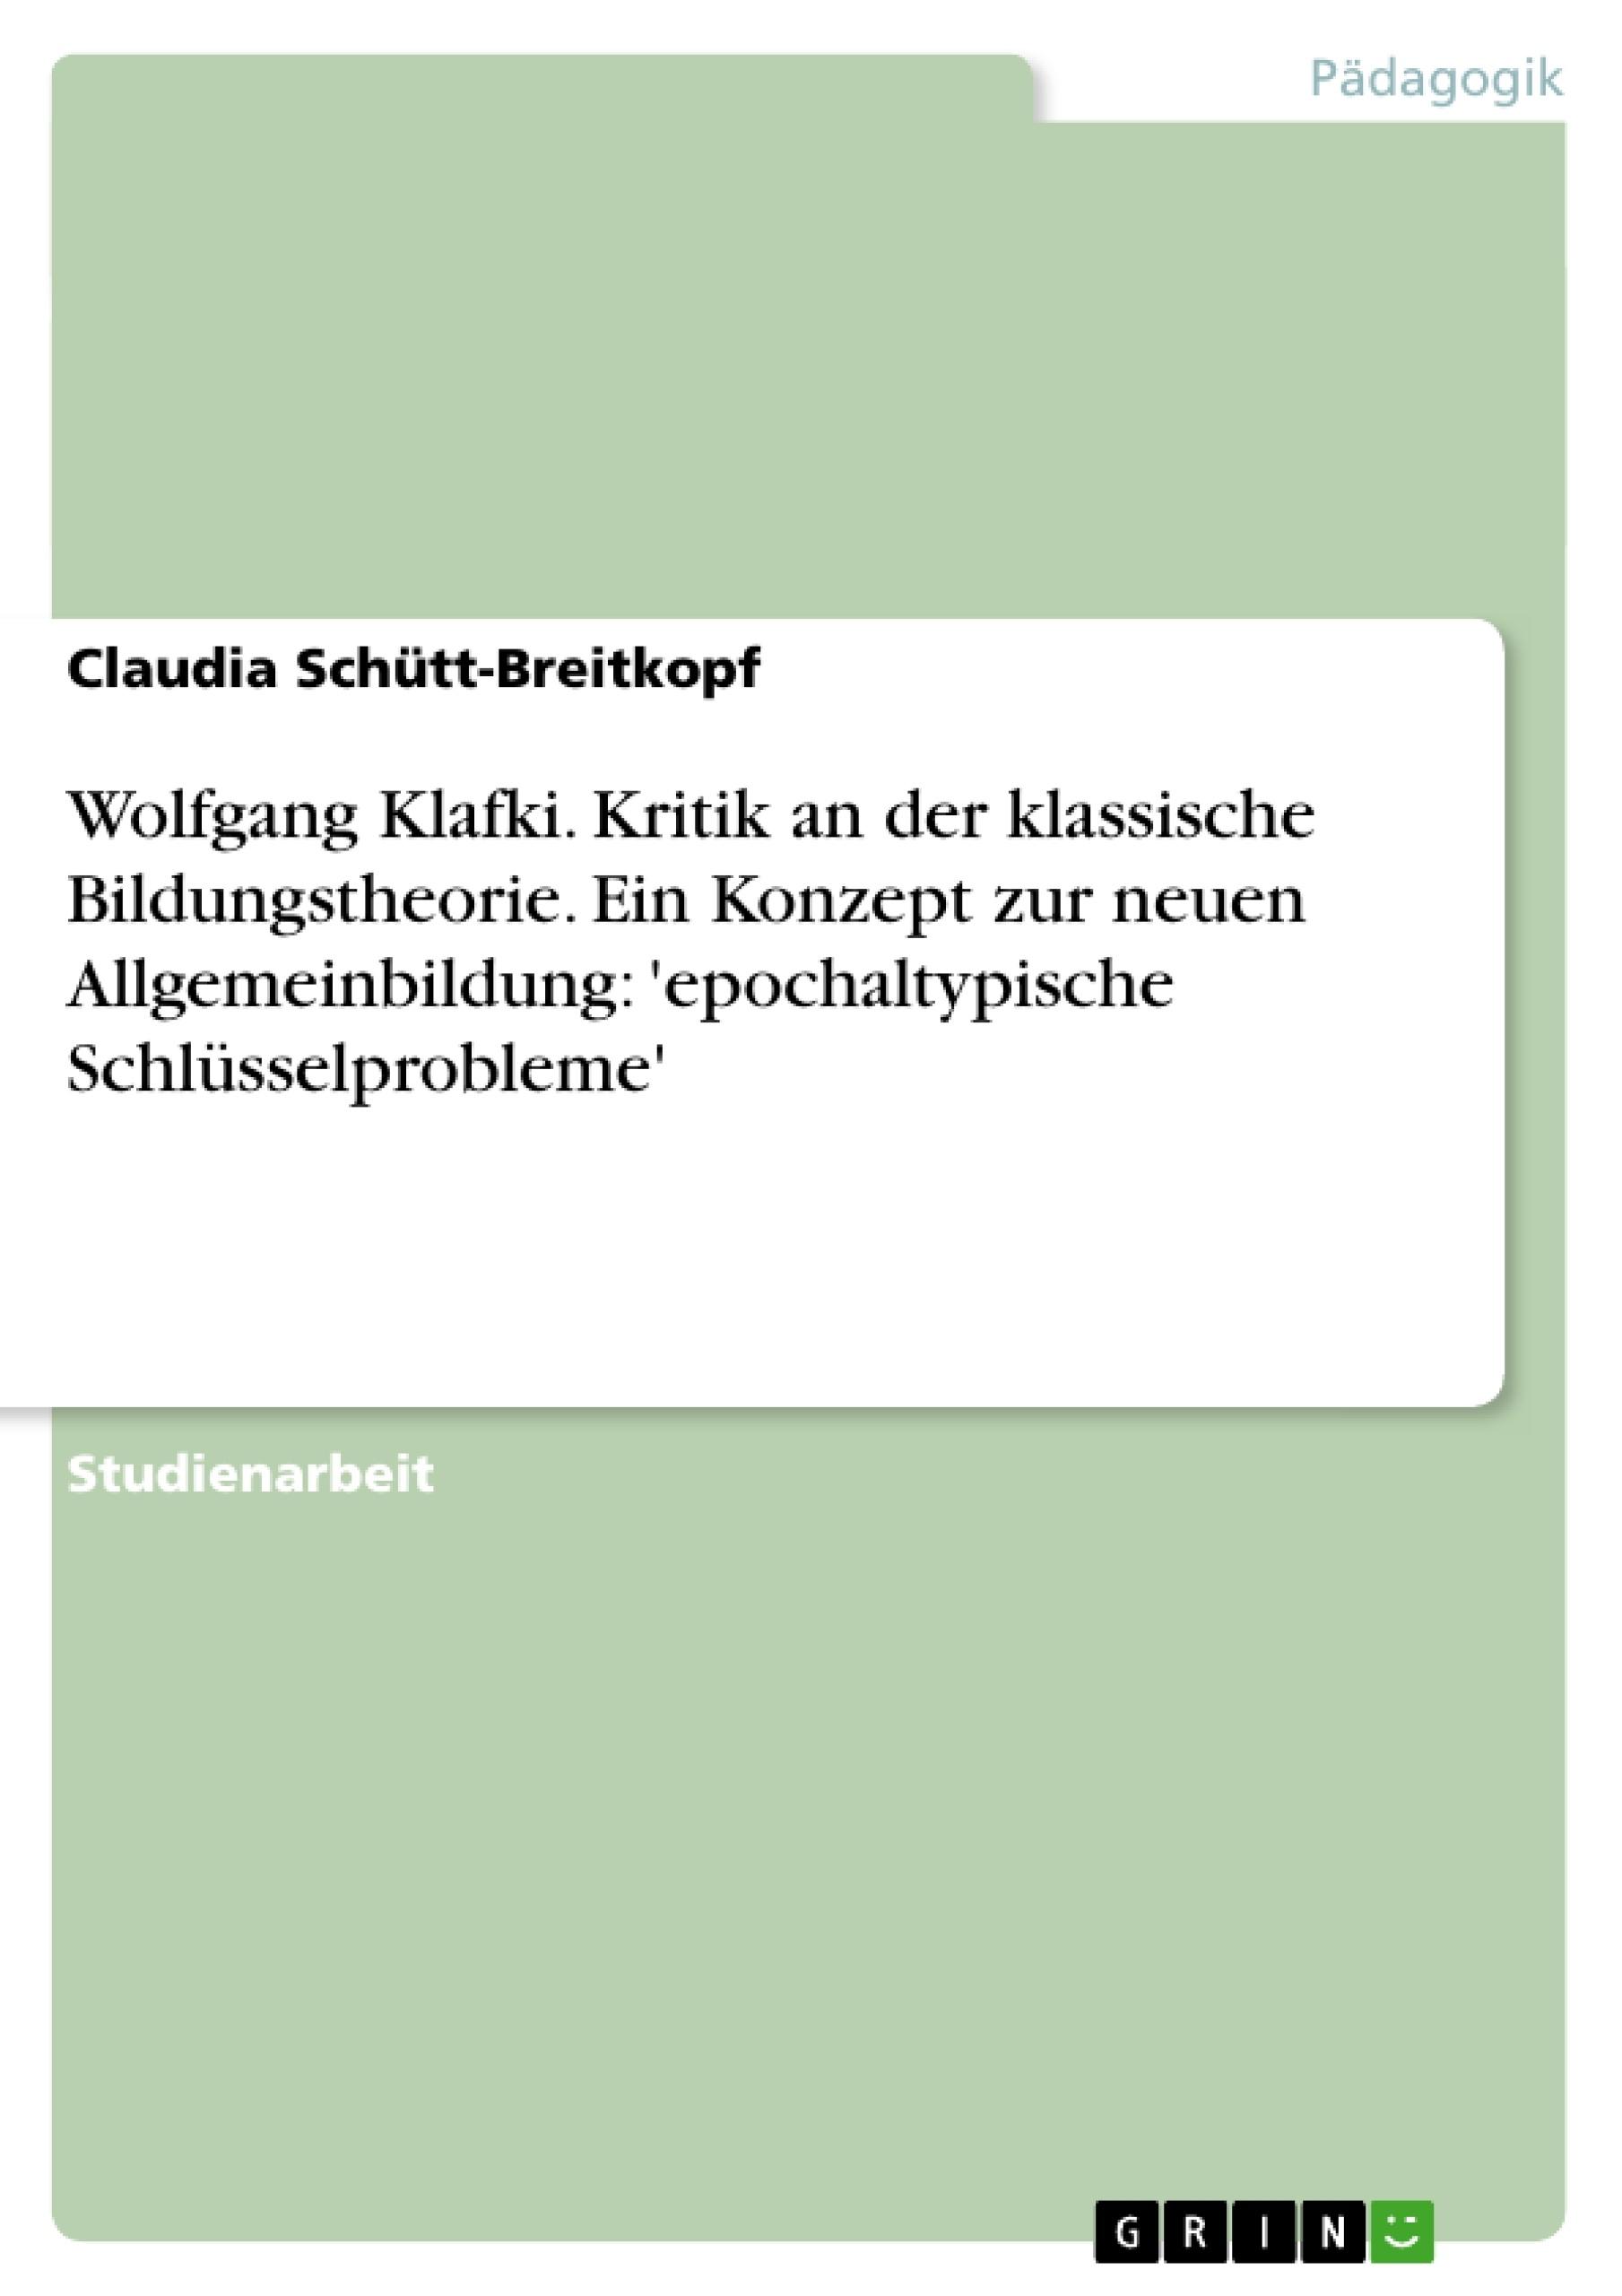 Titel: Wolfgang Klafki. Kritik an der klassische Bildungstheorie. Ein Konzept zur neuen Allgemeinbildung: 'epochaltypische Schlüsselprobleme'